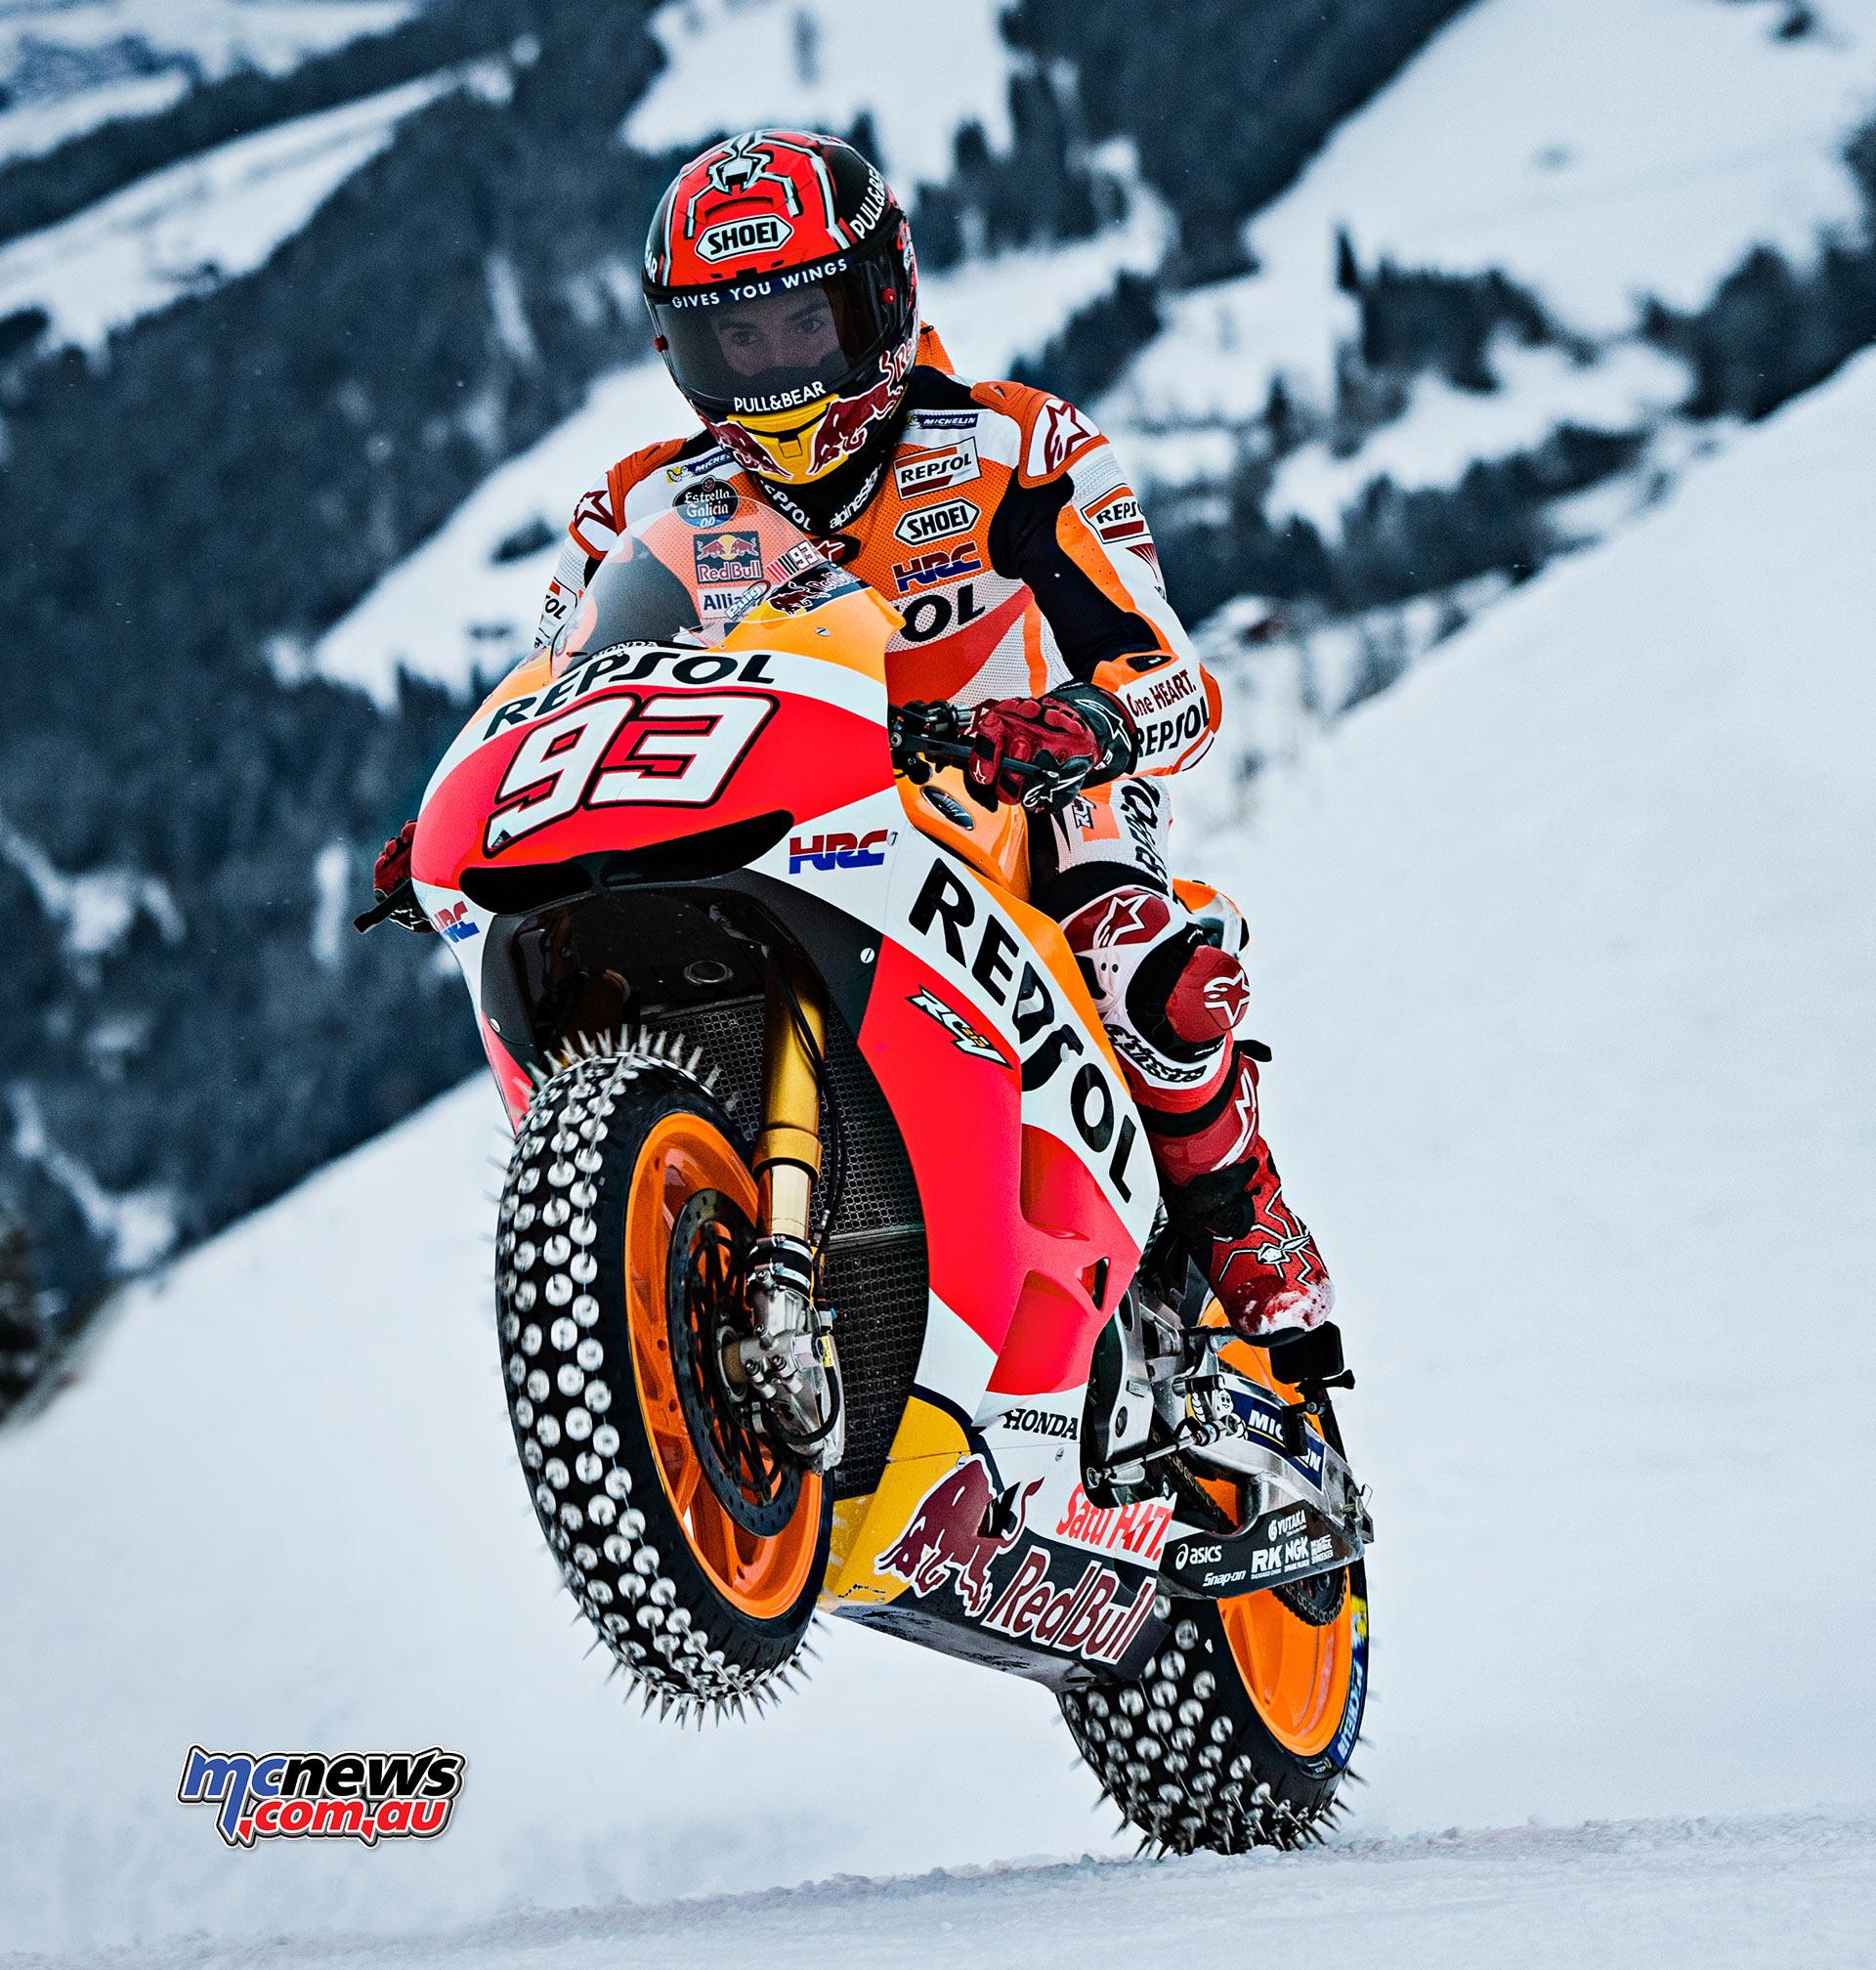 Marc Marquez rides the snow on RC-213V MotoGP | MCNews.com.au